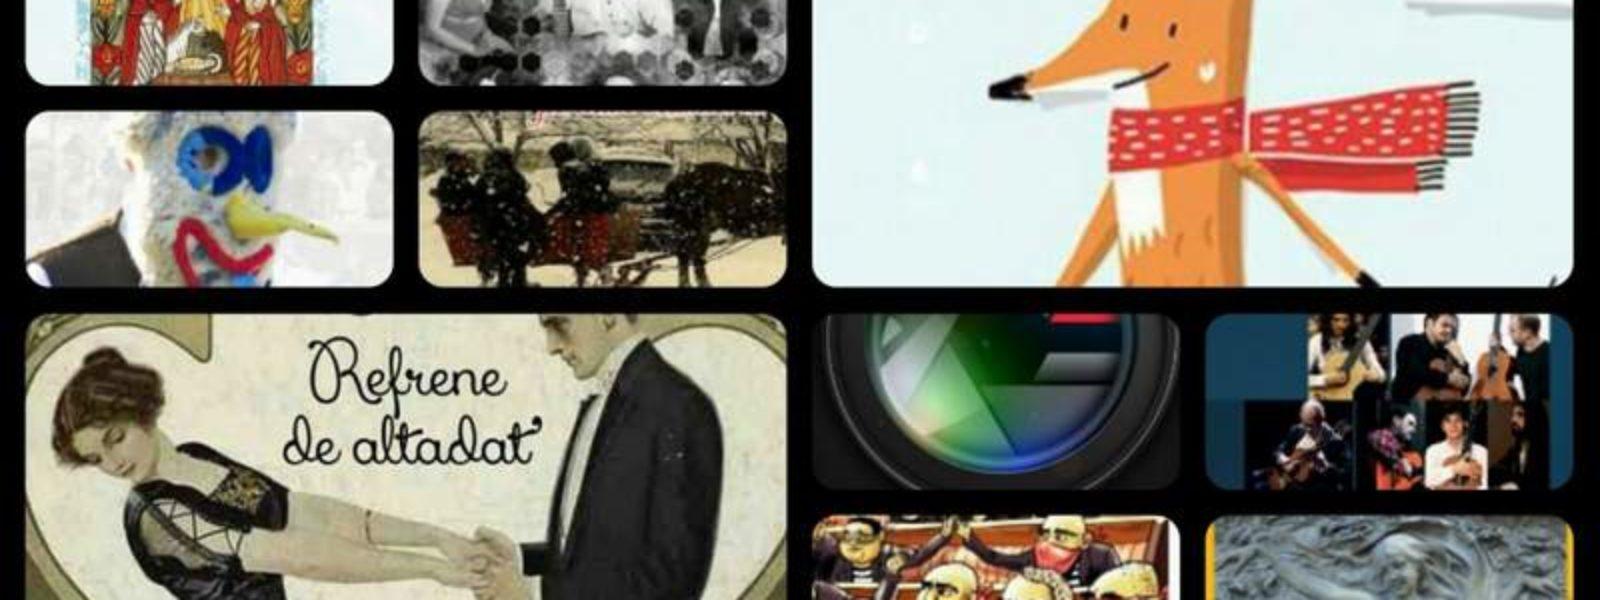 idei pentru weekend 12-13 Decembrie